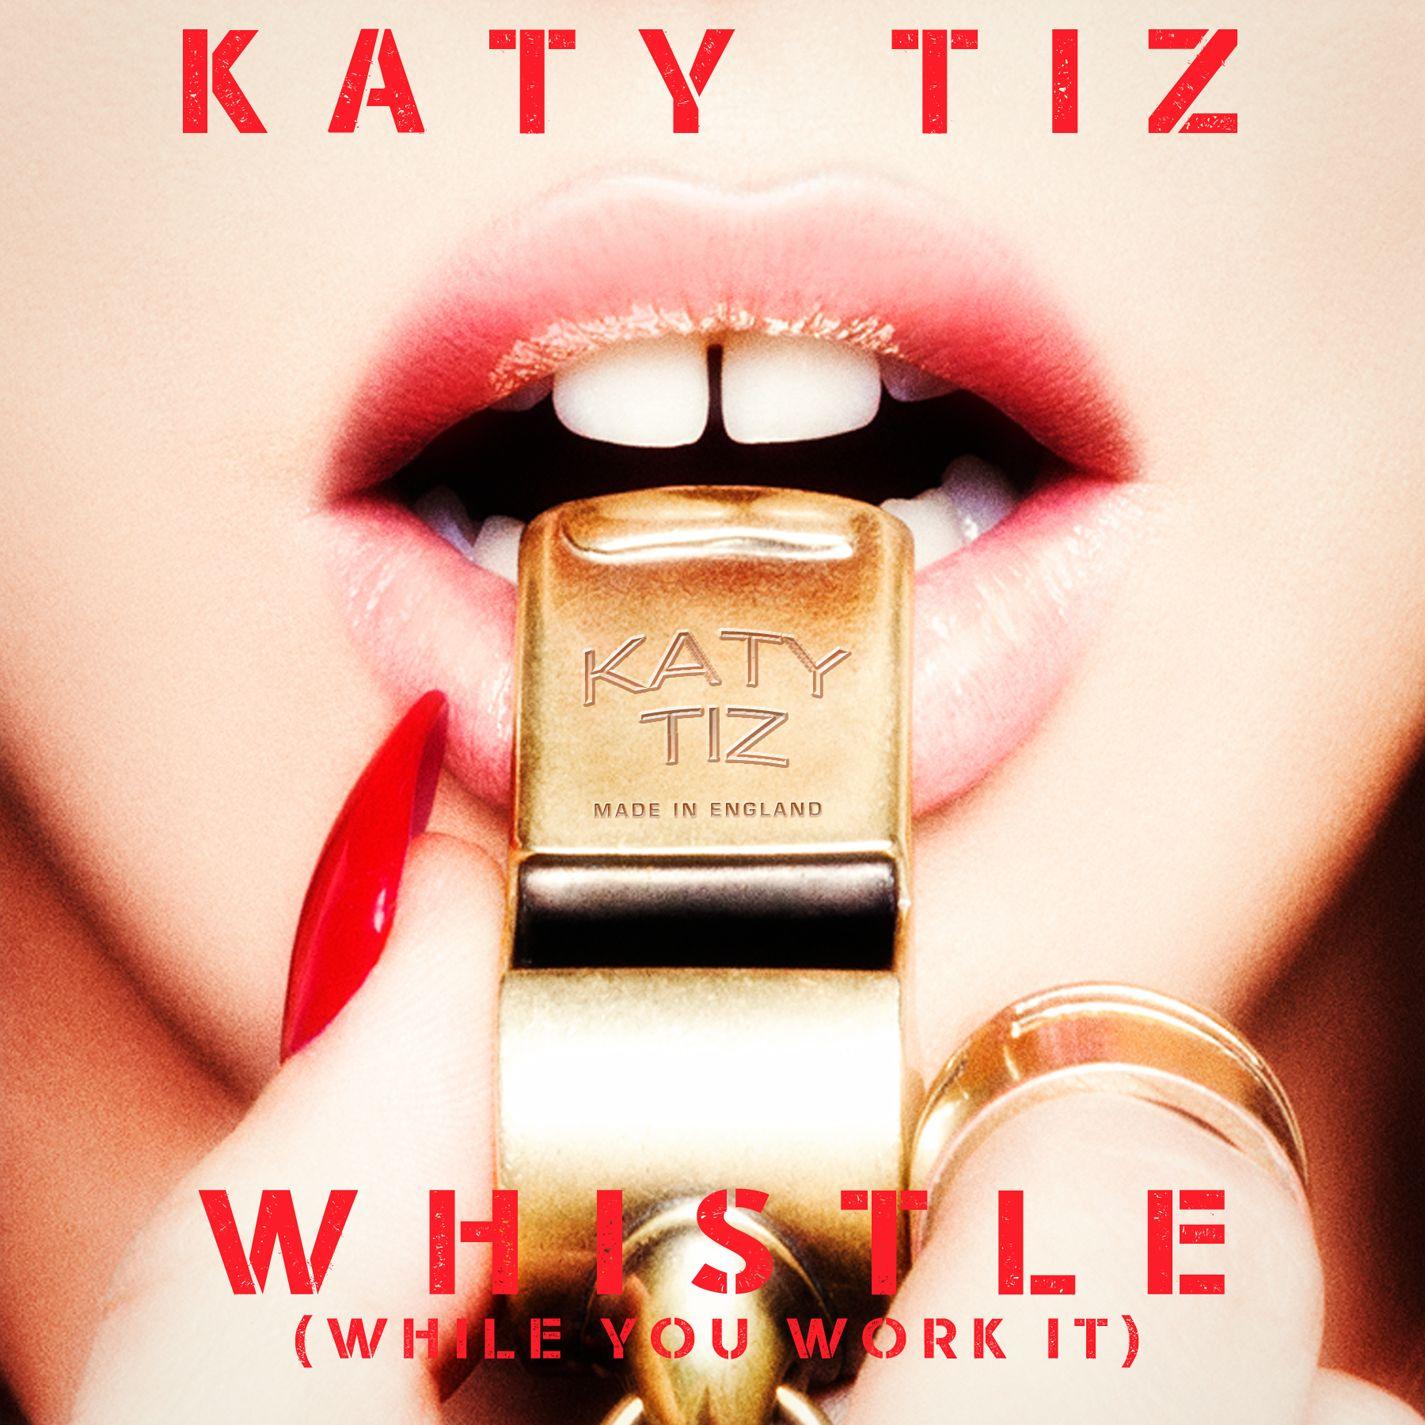 Listen free to katy tiz whistle (while you work it) radio.